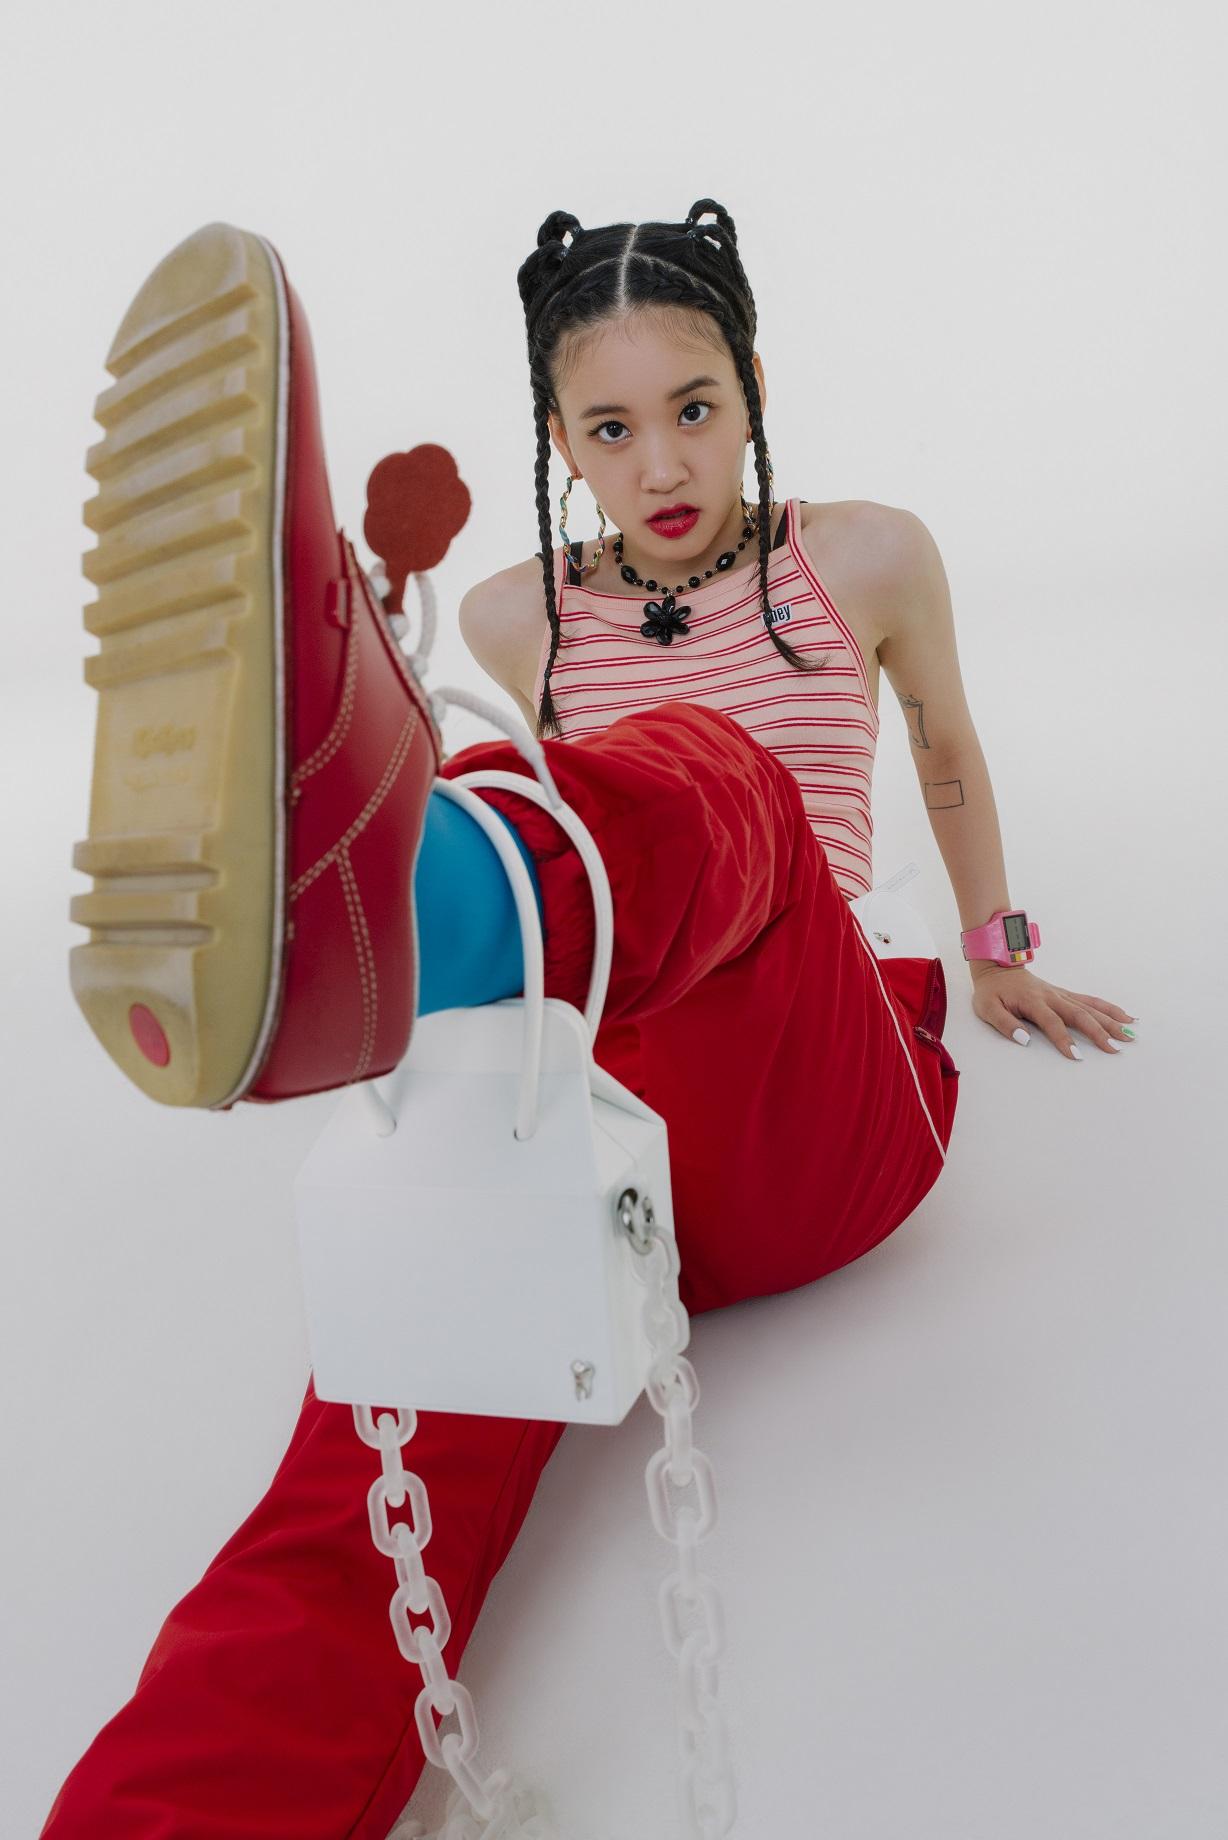 Οι συλλεκτικές τσάντες της Belysa σε συνεργασία με τη Lil Cherry έφτασαν αποκλειστικά στο MyHallyu.com